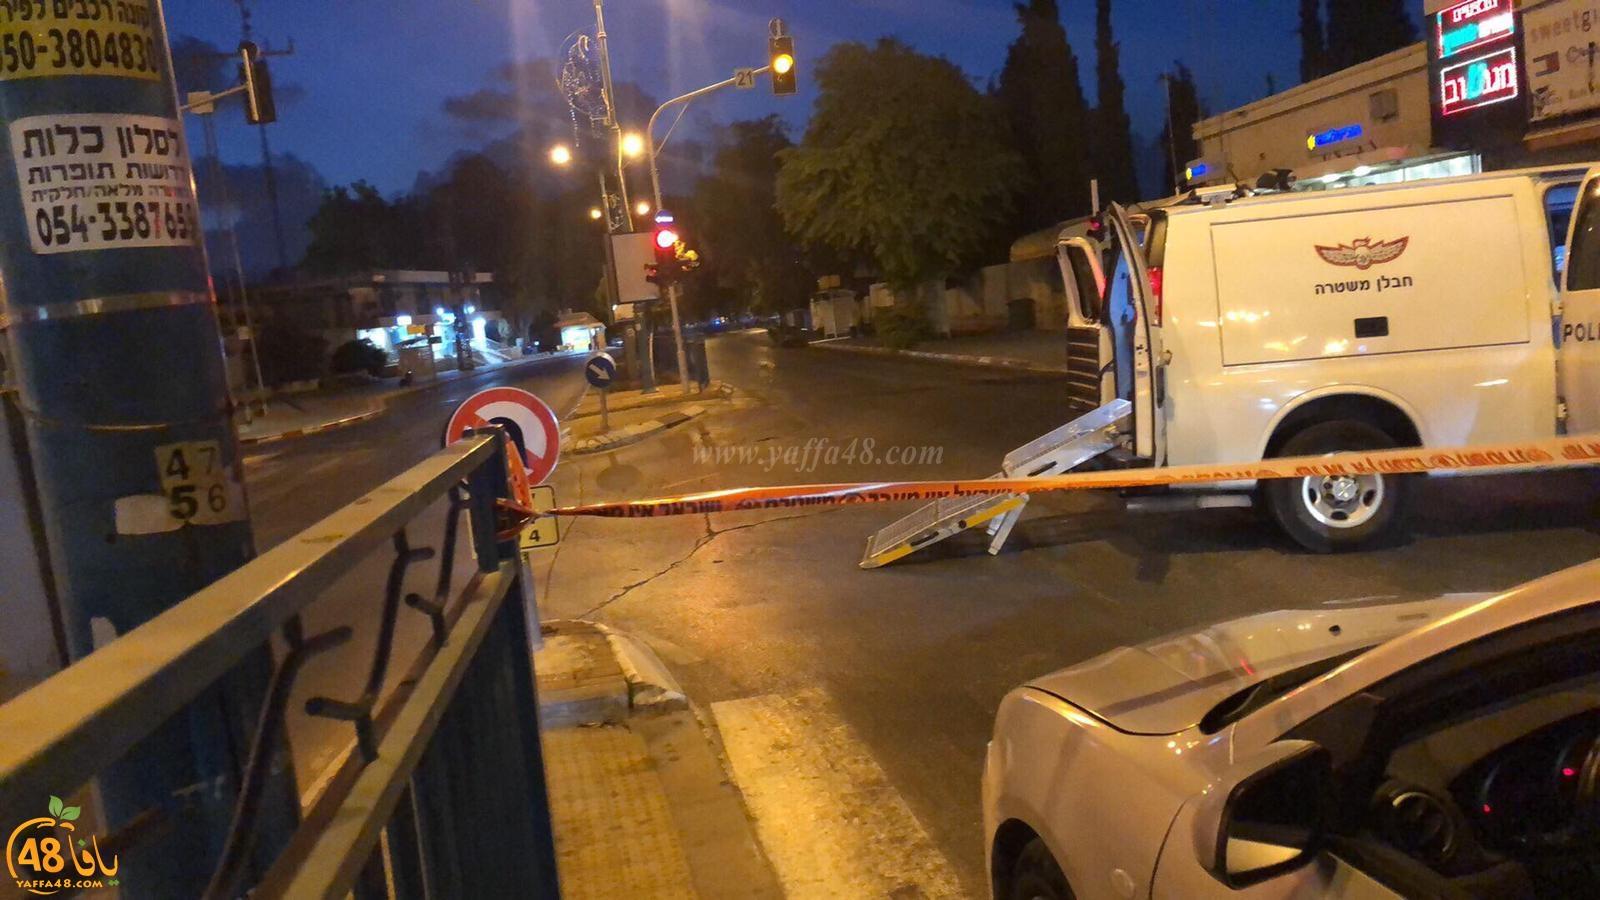 فيديو: الاثيوبيون يغلقون مدخل مدينة اللد ومواجهات مع الشرطة